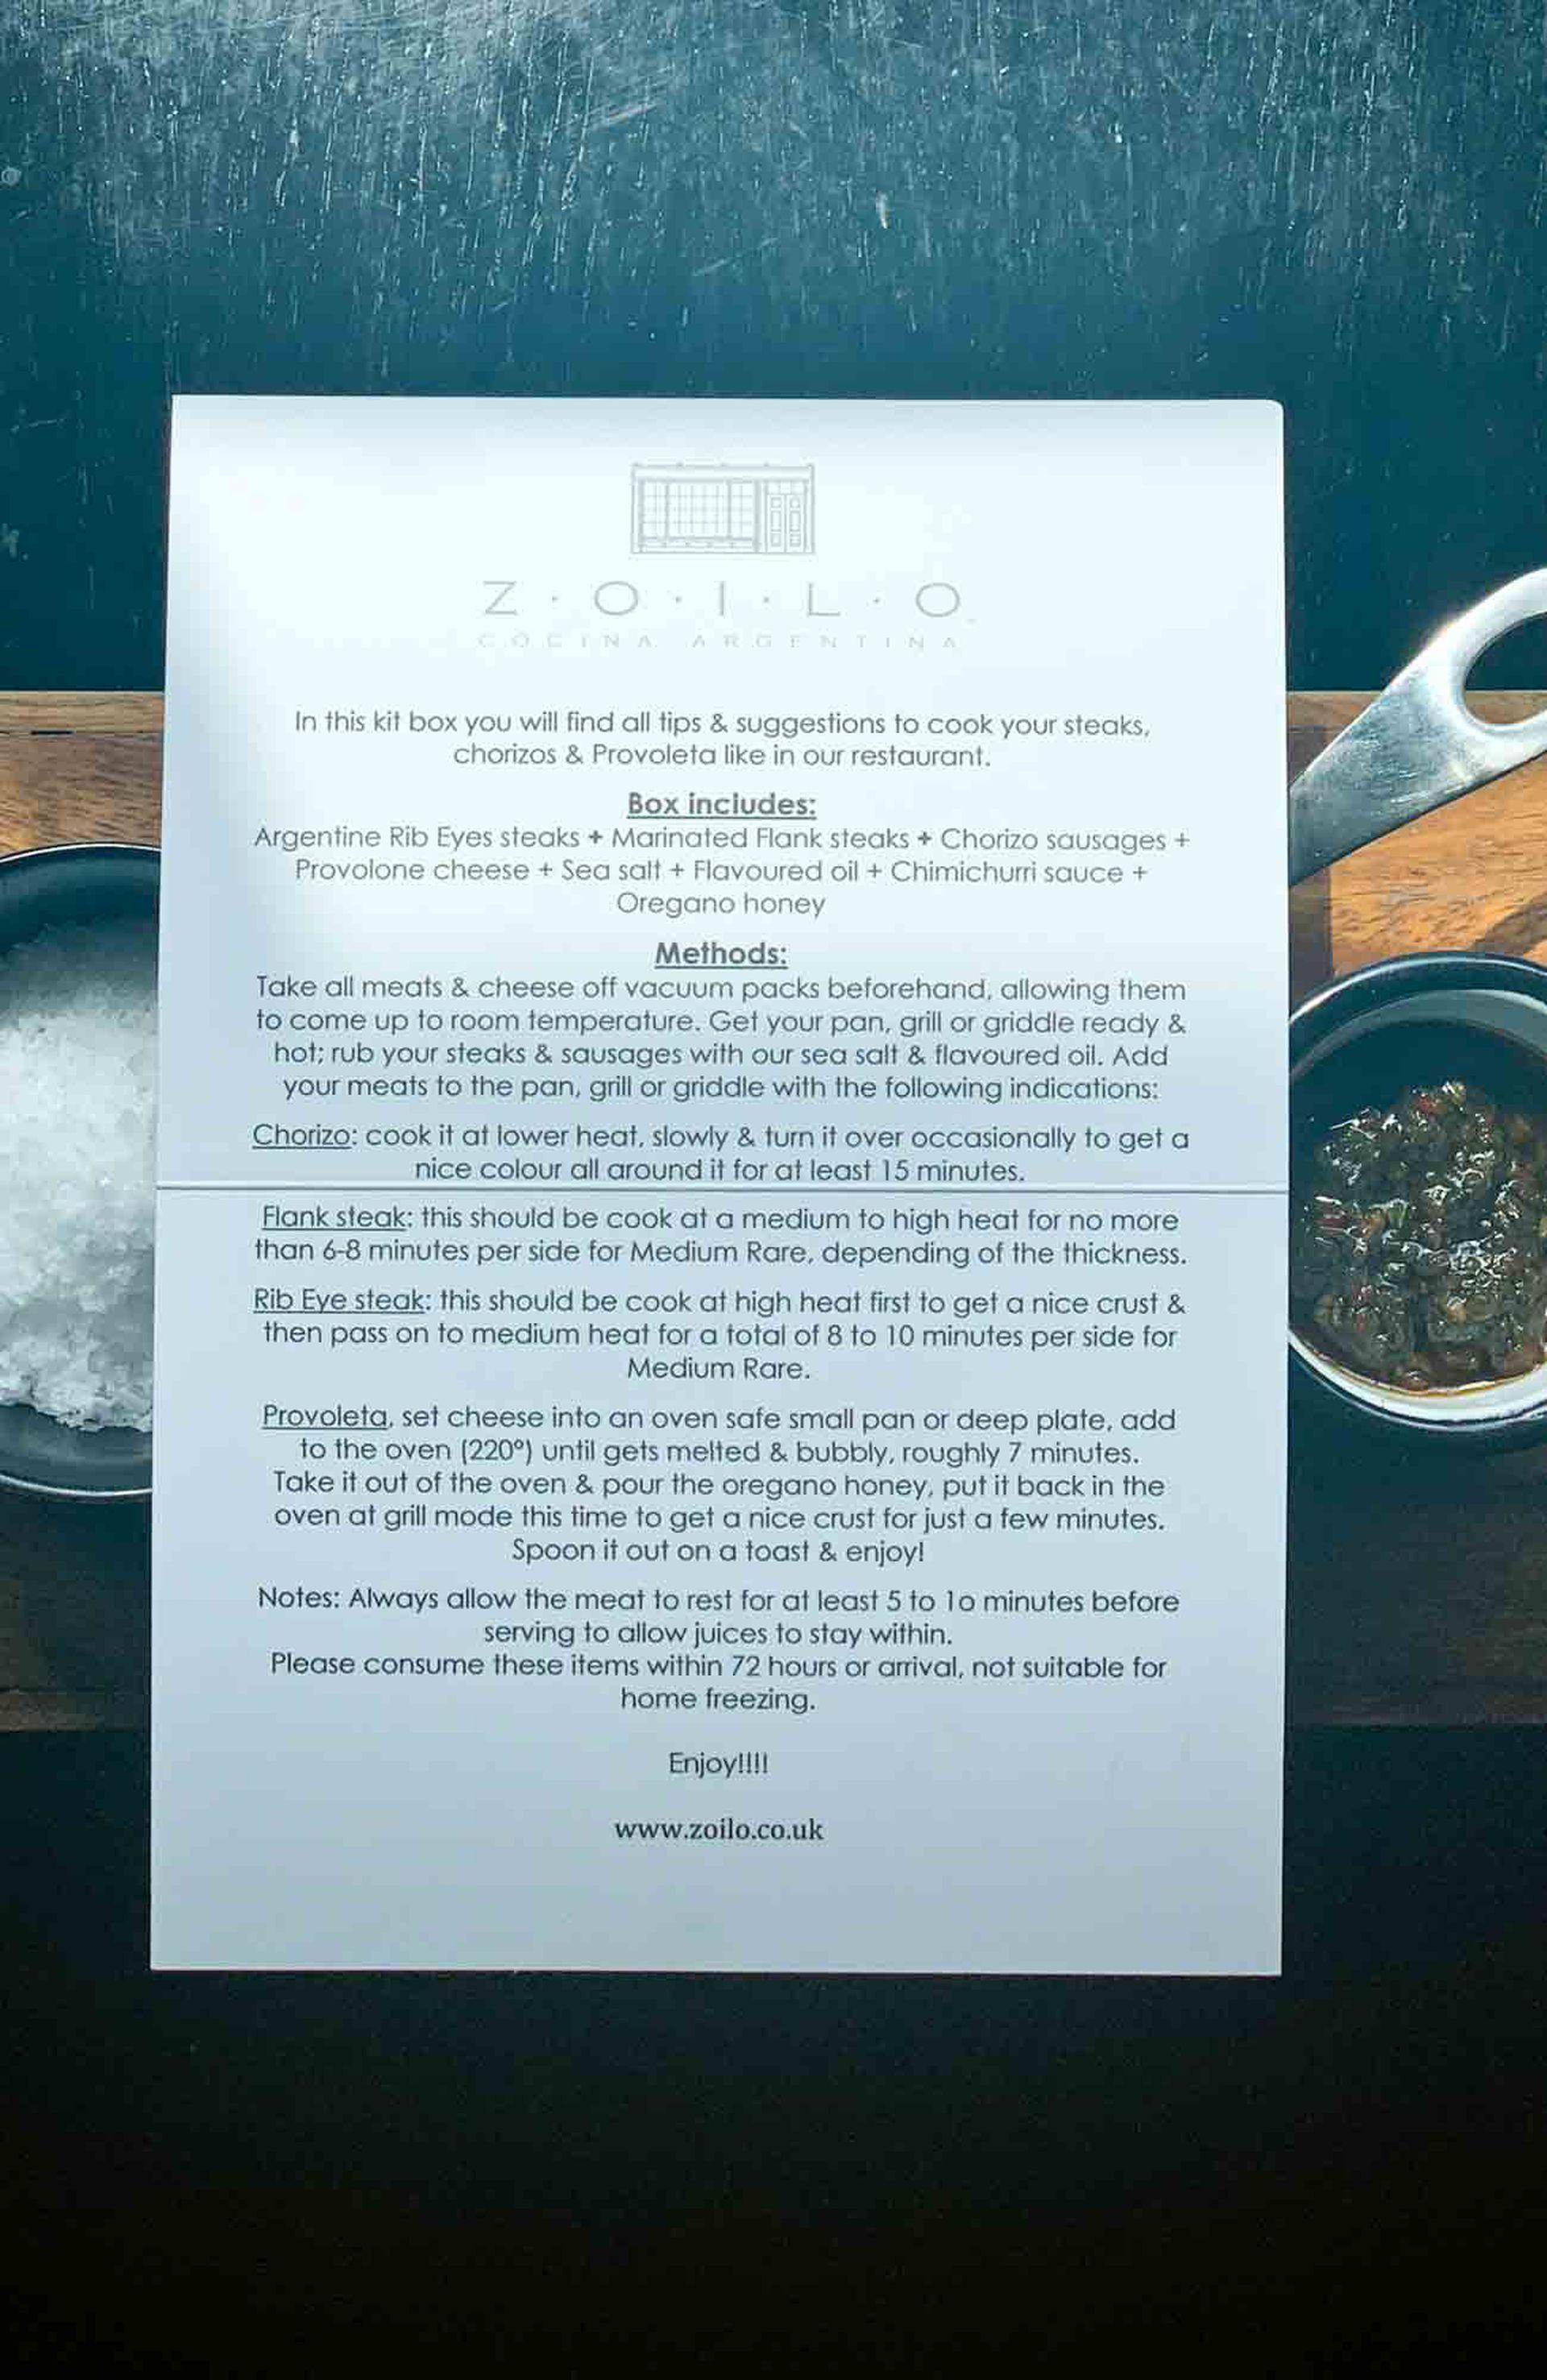 Zoilo y su barbecue box con explicaciones para-hacerse un asado argentino en Londres